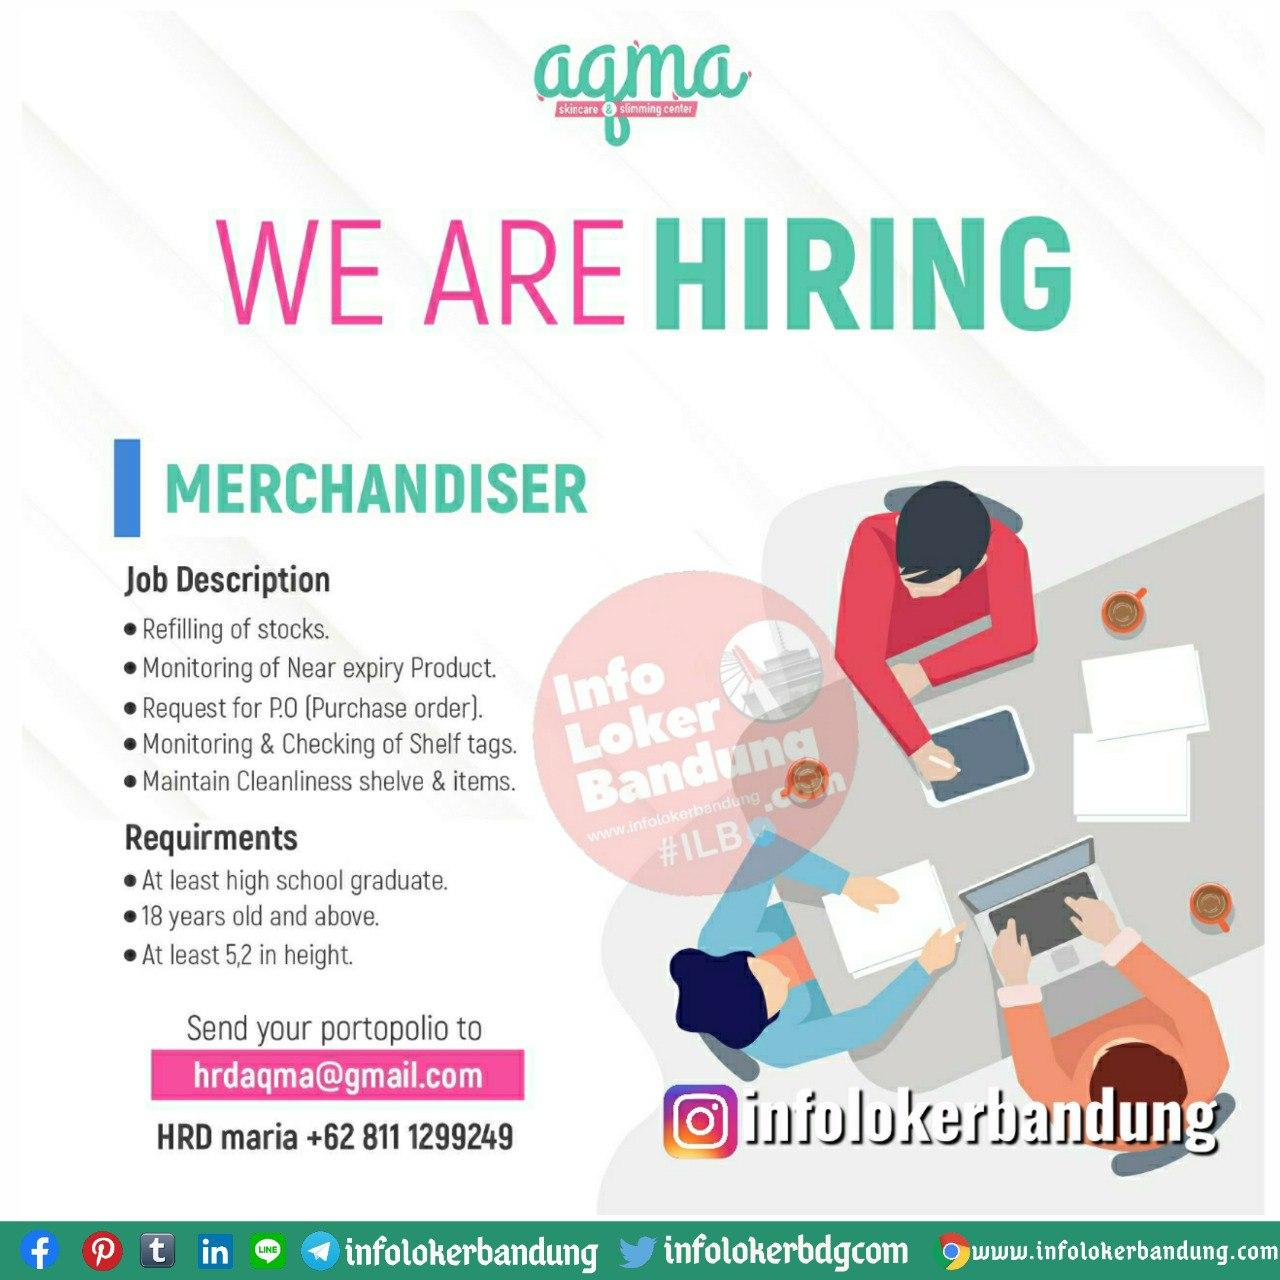 Lowongan Kerja Aqma Aesthetic Clinic Bandung Juli 2020